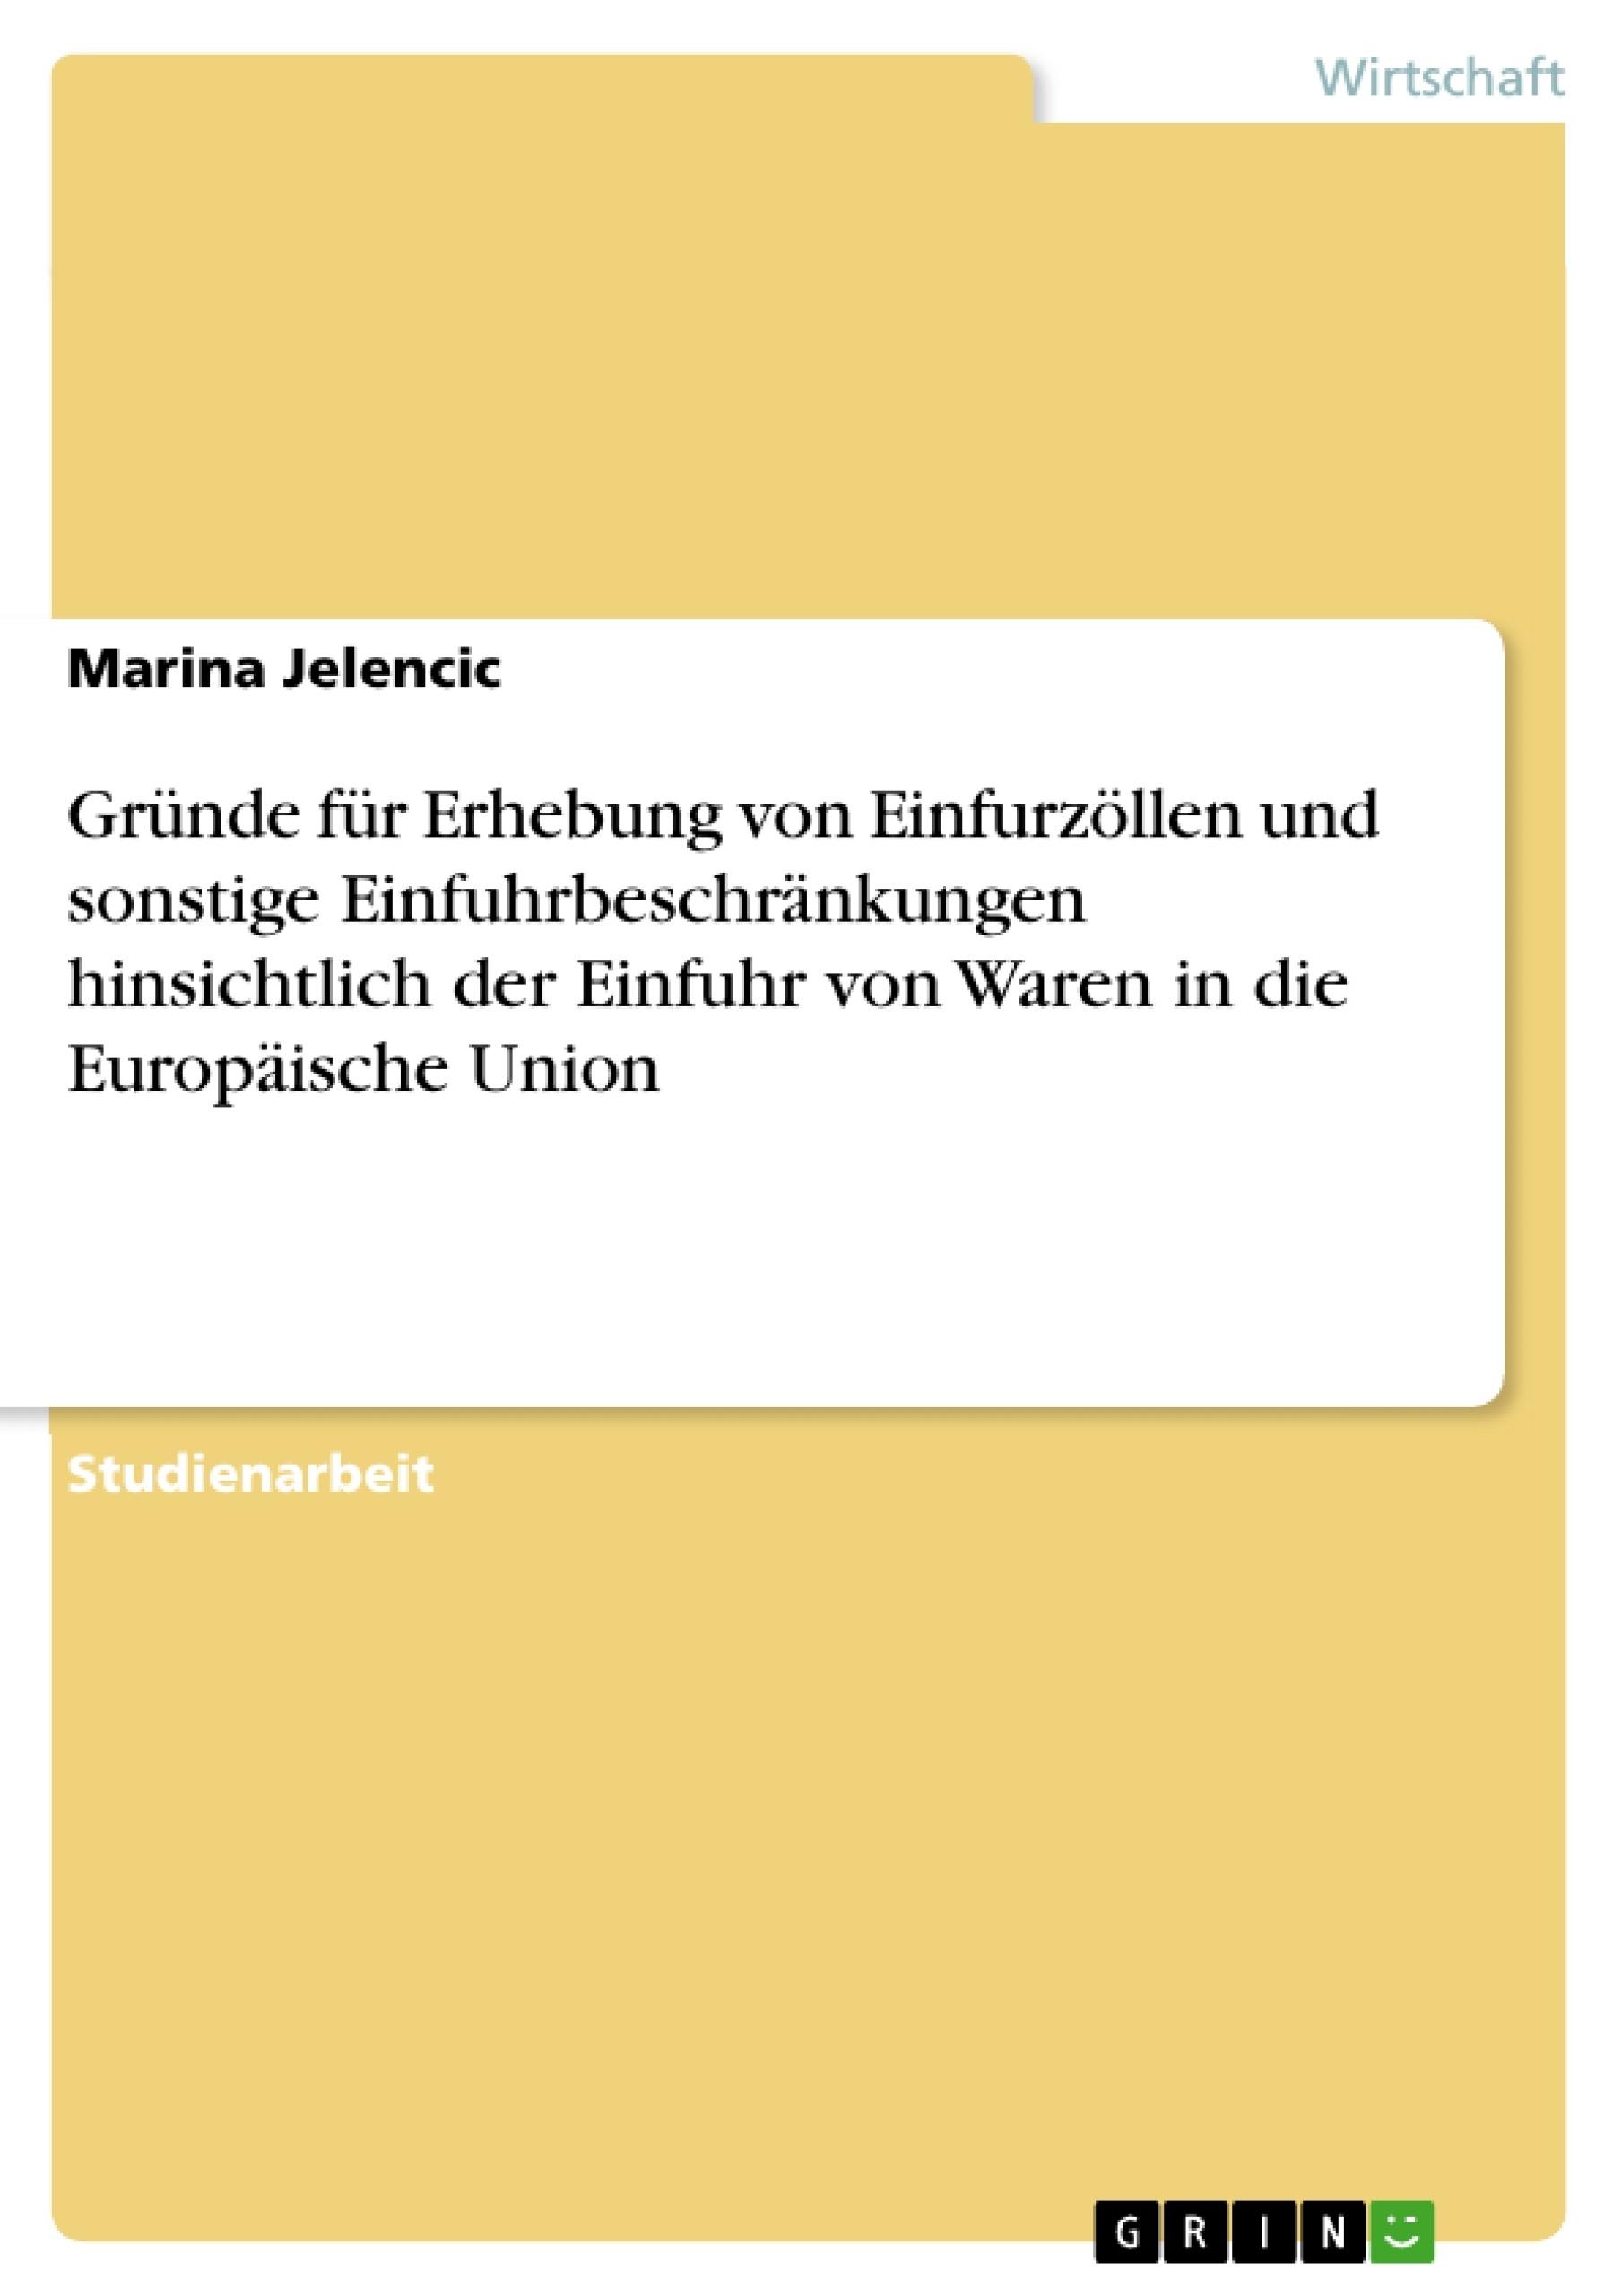 Titel: Gründe für Erhebung von Einfurzöllen und sonstige Einfuhrbeschränkungen hinsichtlich der Einfuhr von Waren in die Europäische Union